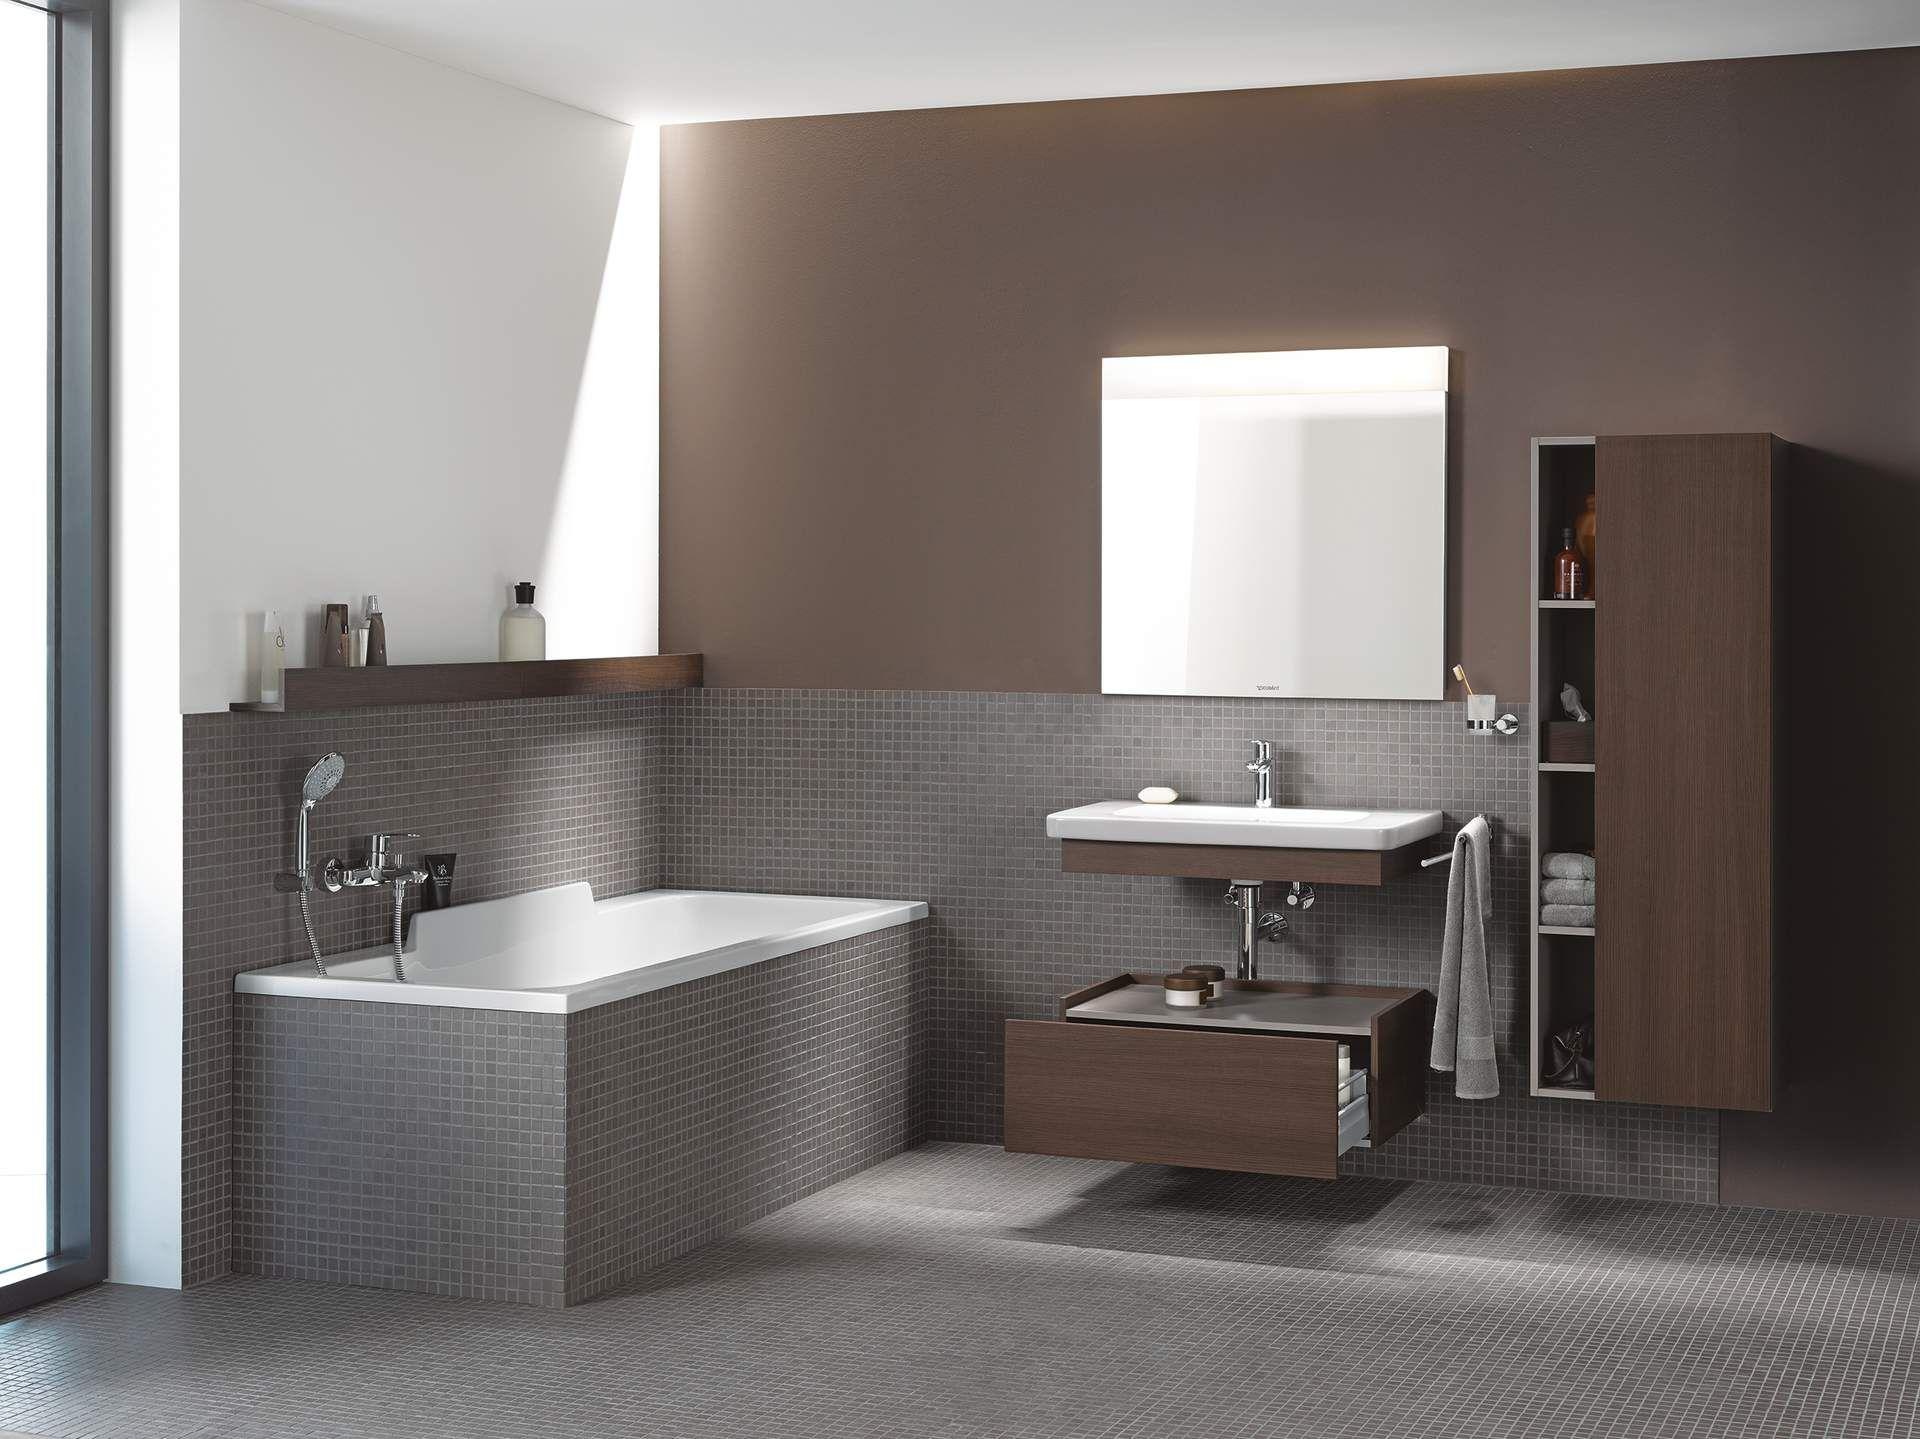 Durastyle Chestnut Dark Duravit Waschtisch Mit Blende Badezimmer Design Modernes Badezimmer Luxus Badezimmer